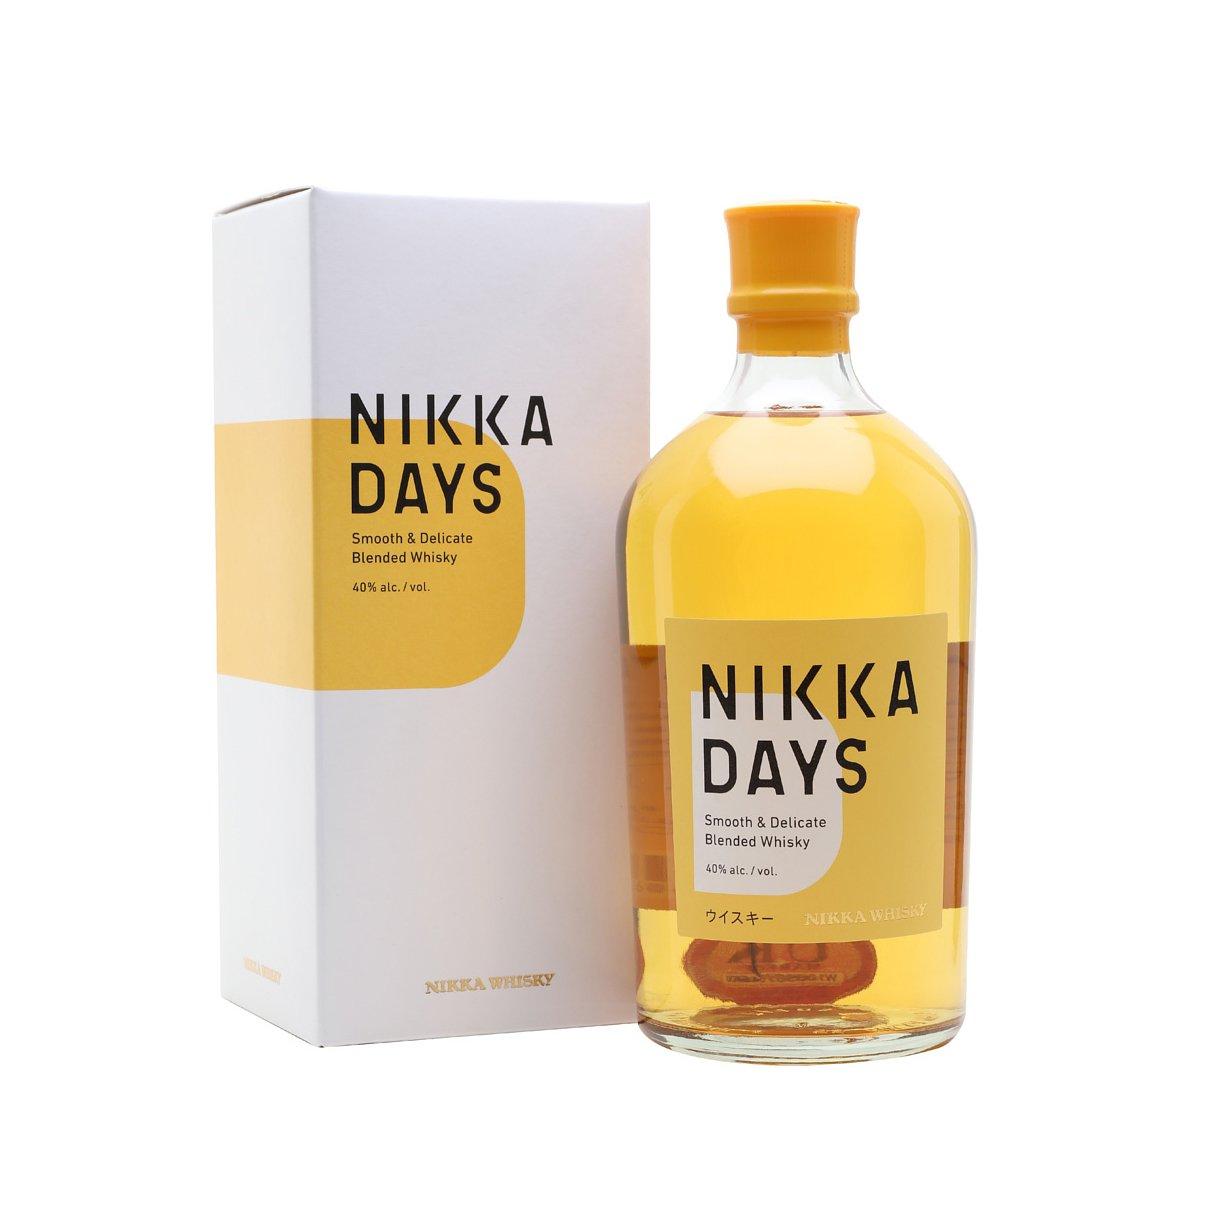 Nikka Days Japanese Blended Whisky Japan